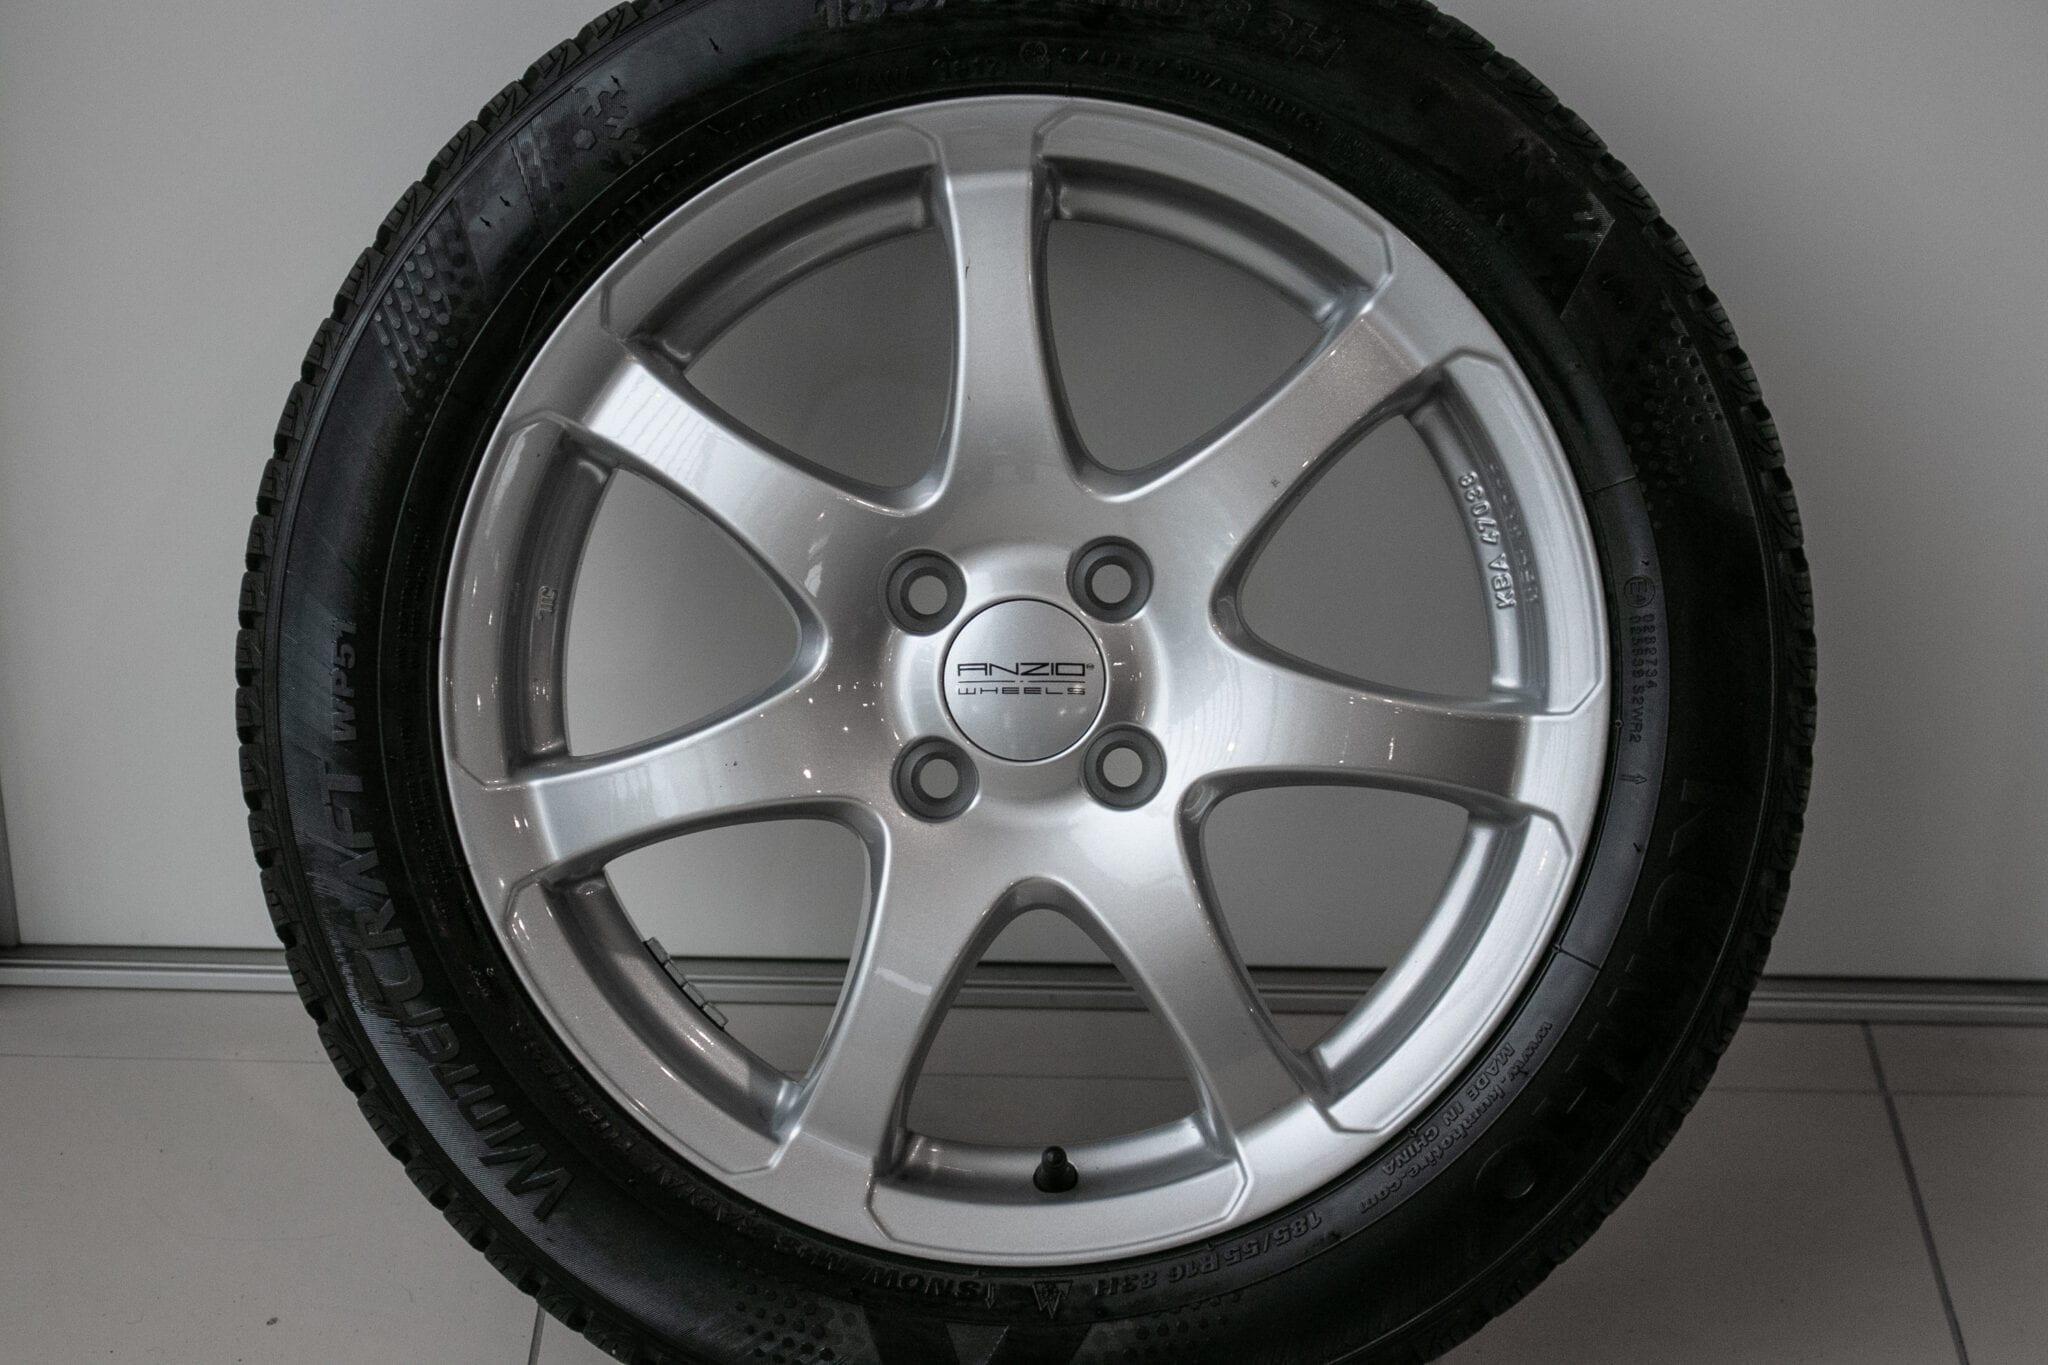 """16"""" Winterwielen voor de Honda Jazz ('09-'19) en de Honda Insight €599,- Gebruikt. Profieldiepte: Z.G.A.N."""